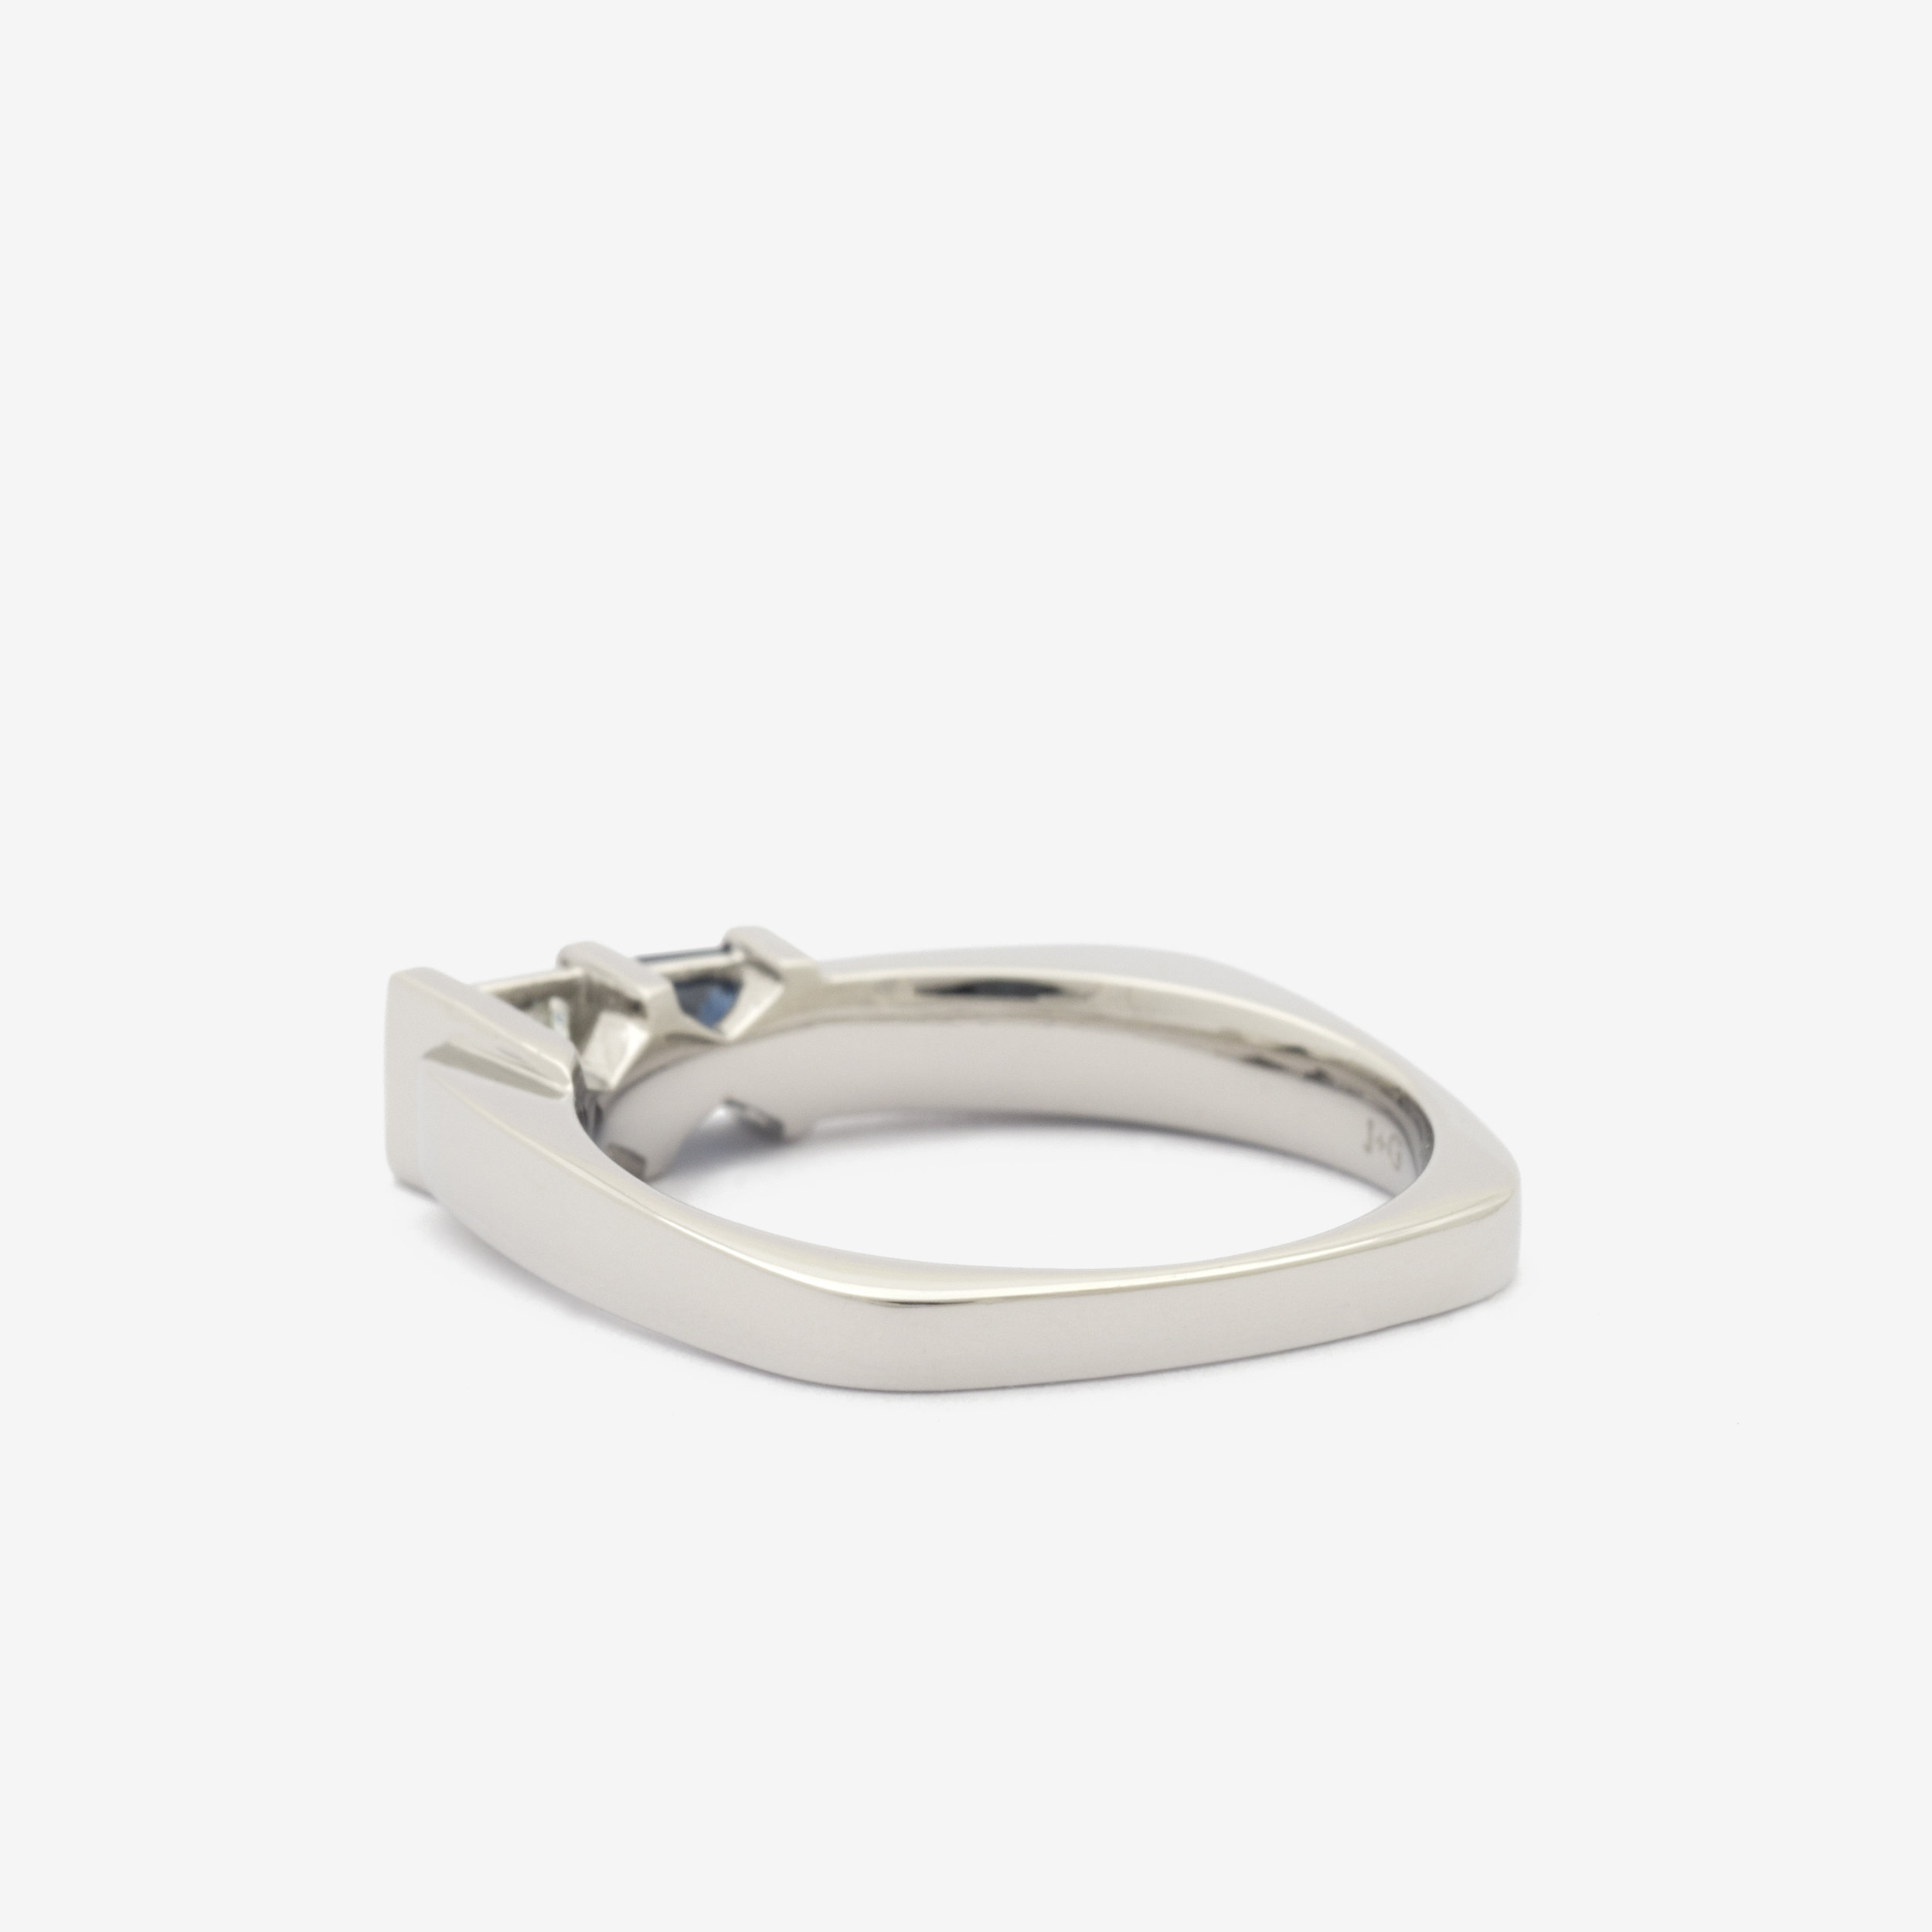 Dayna's Ring Rear Three Quarter.jpg